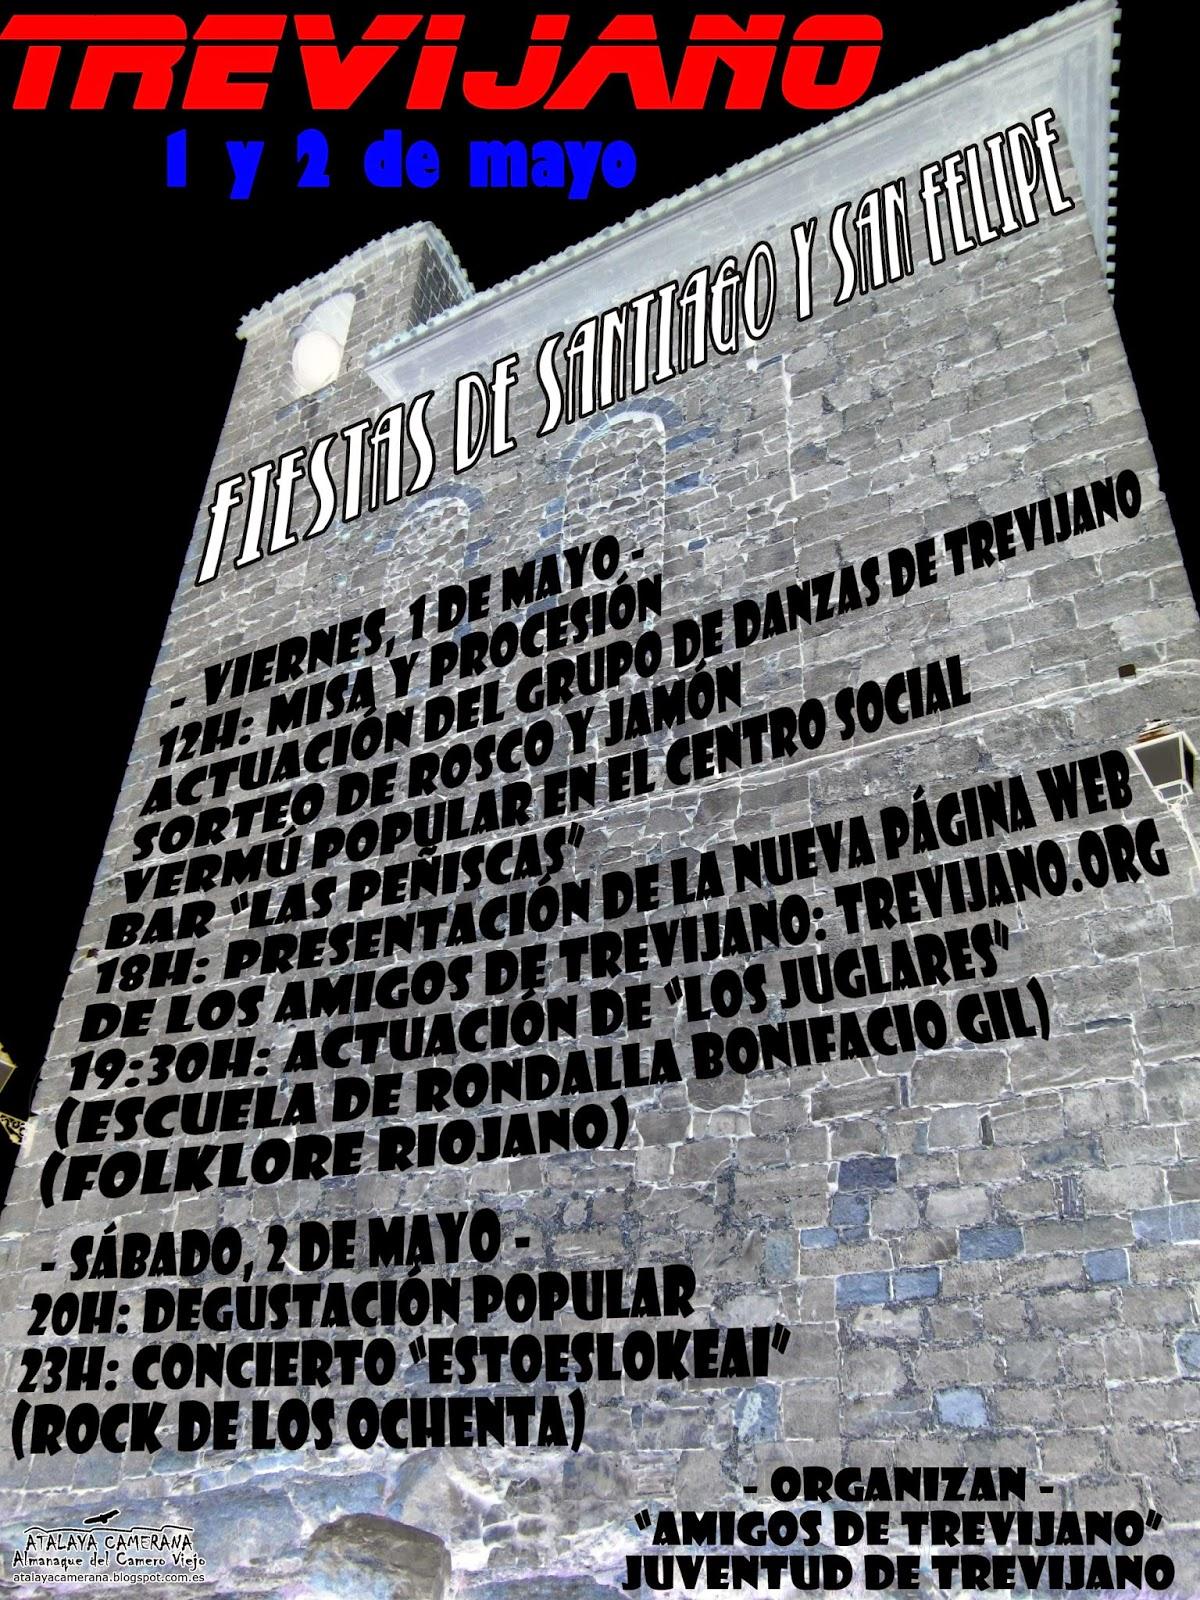 1 y 2 de mayo: fiestas de Santiago y San Felipe en Trevijano